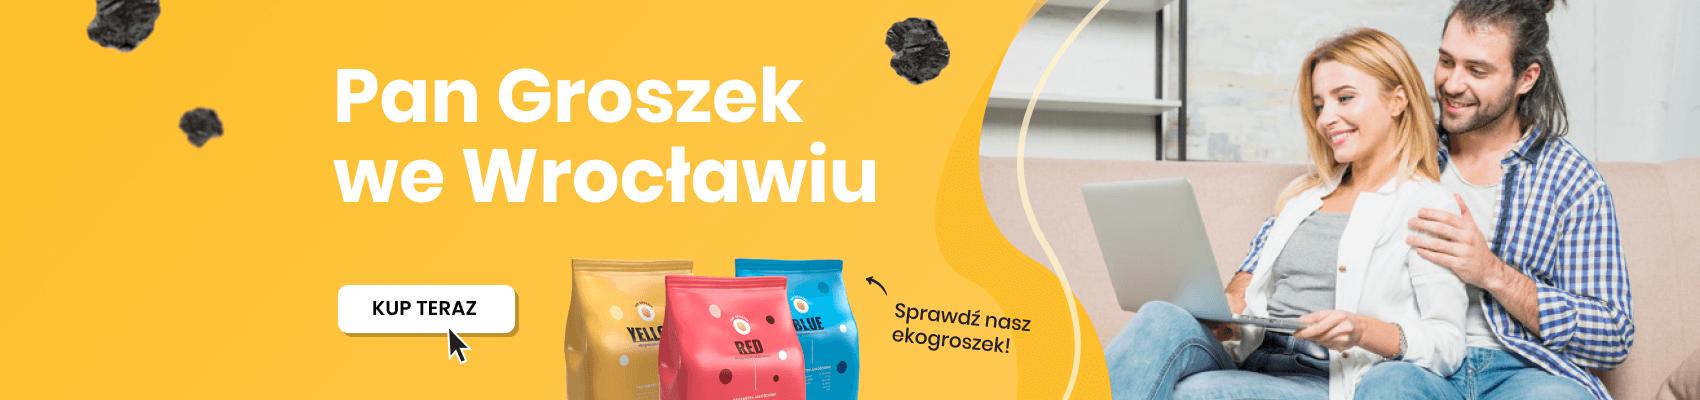 Ekogroszek workowany - Wrocław